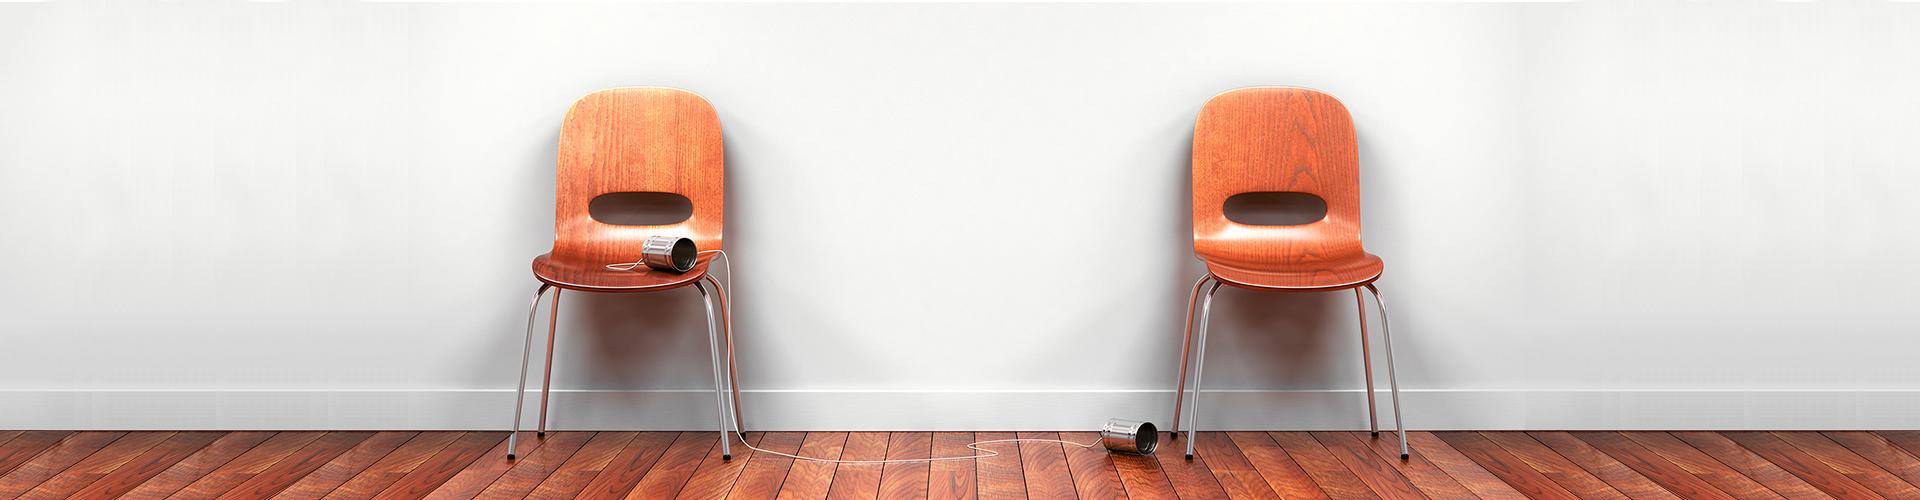 bannergoedstoelen